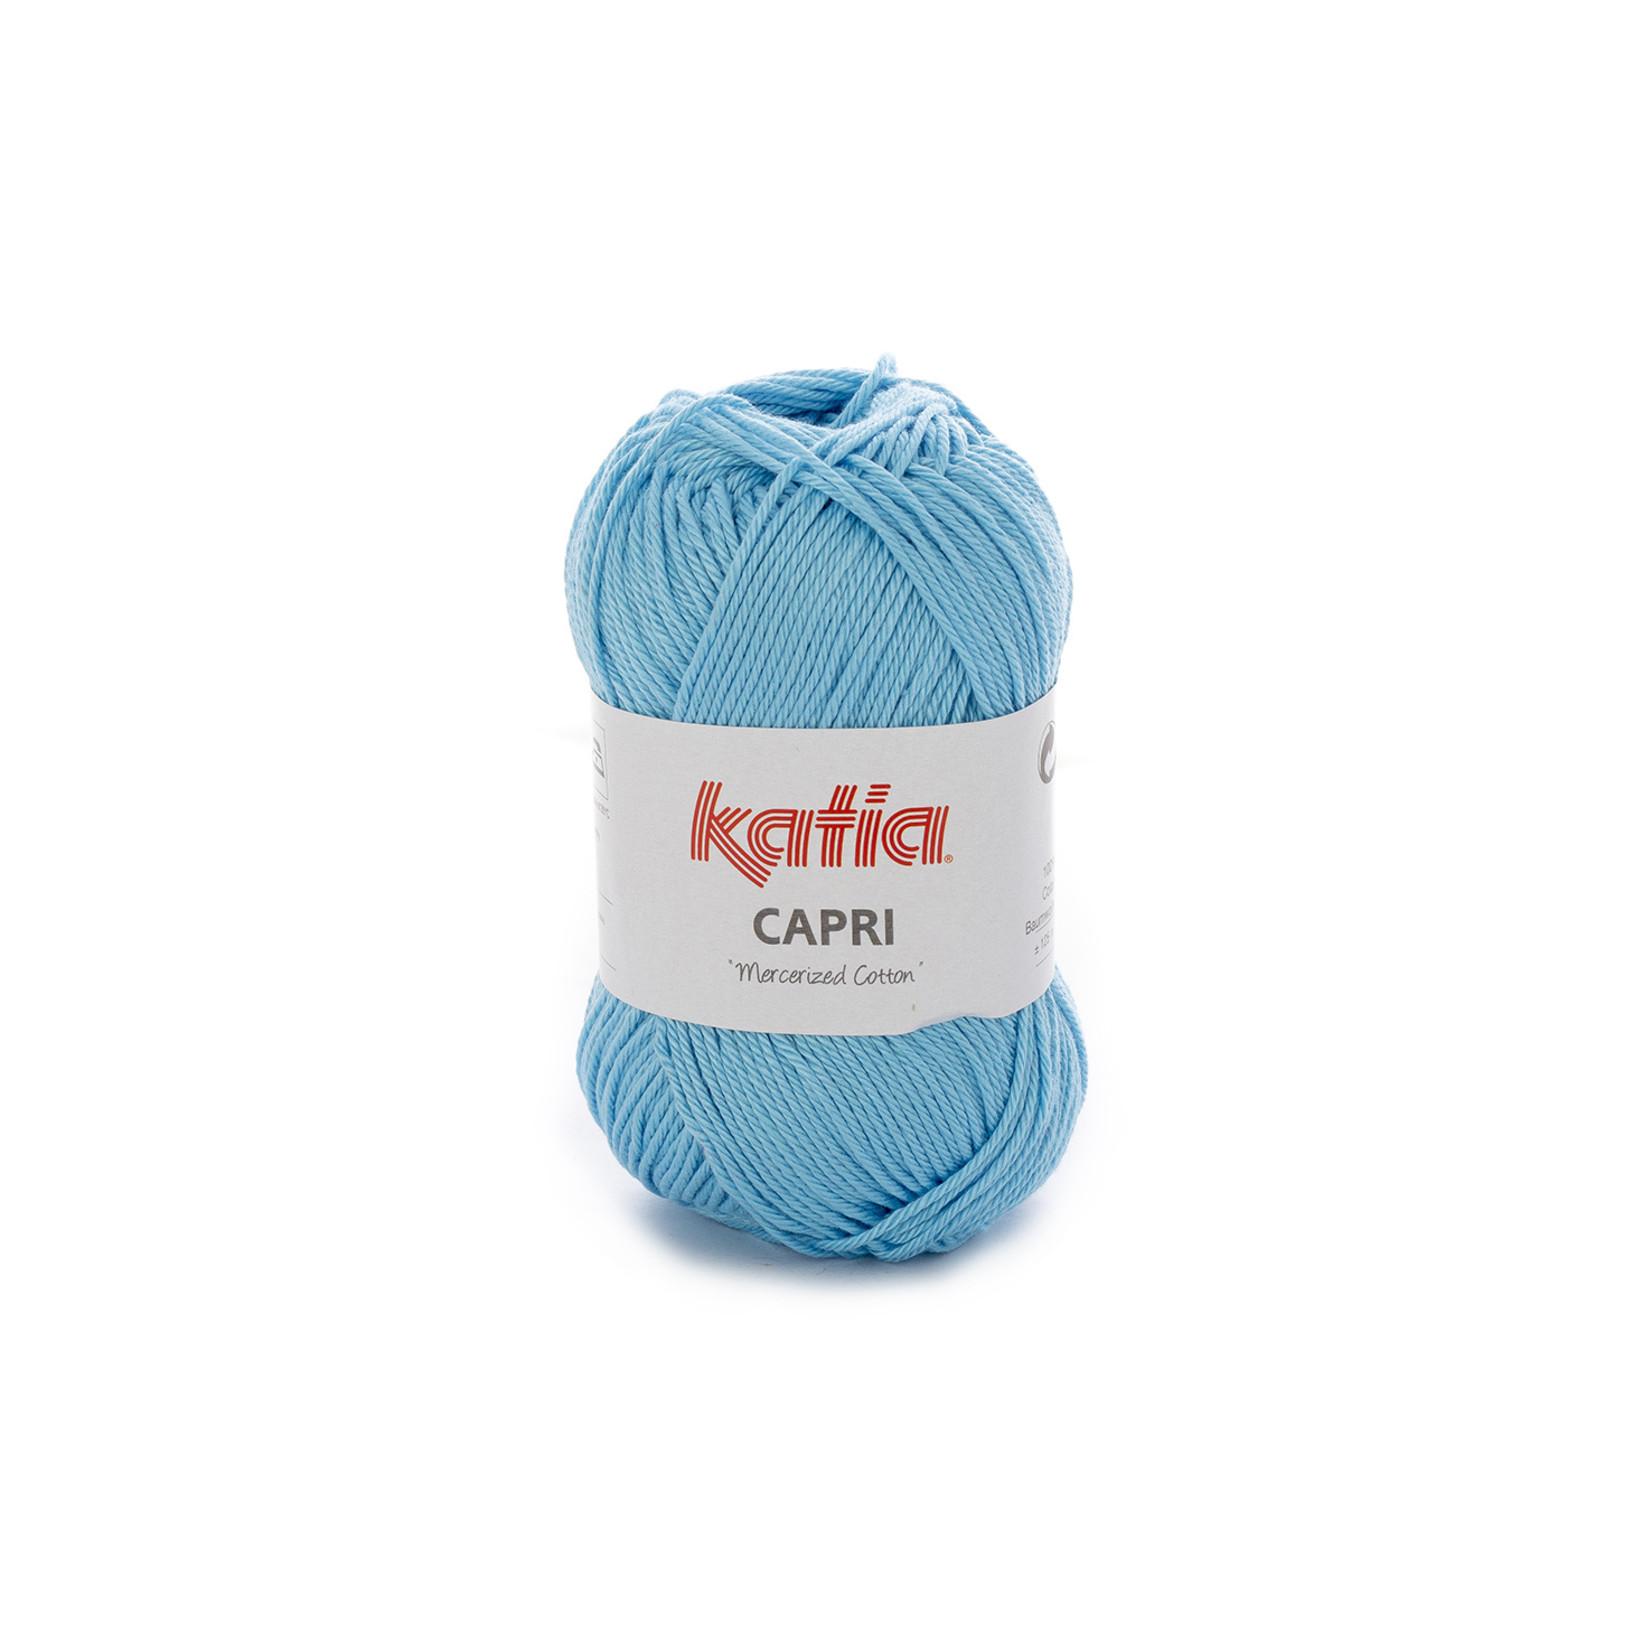 Katia Katia Capri - kleur 97 Licht blauw - 50 gr. = 125 m. - 100% katoen